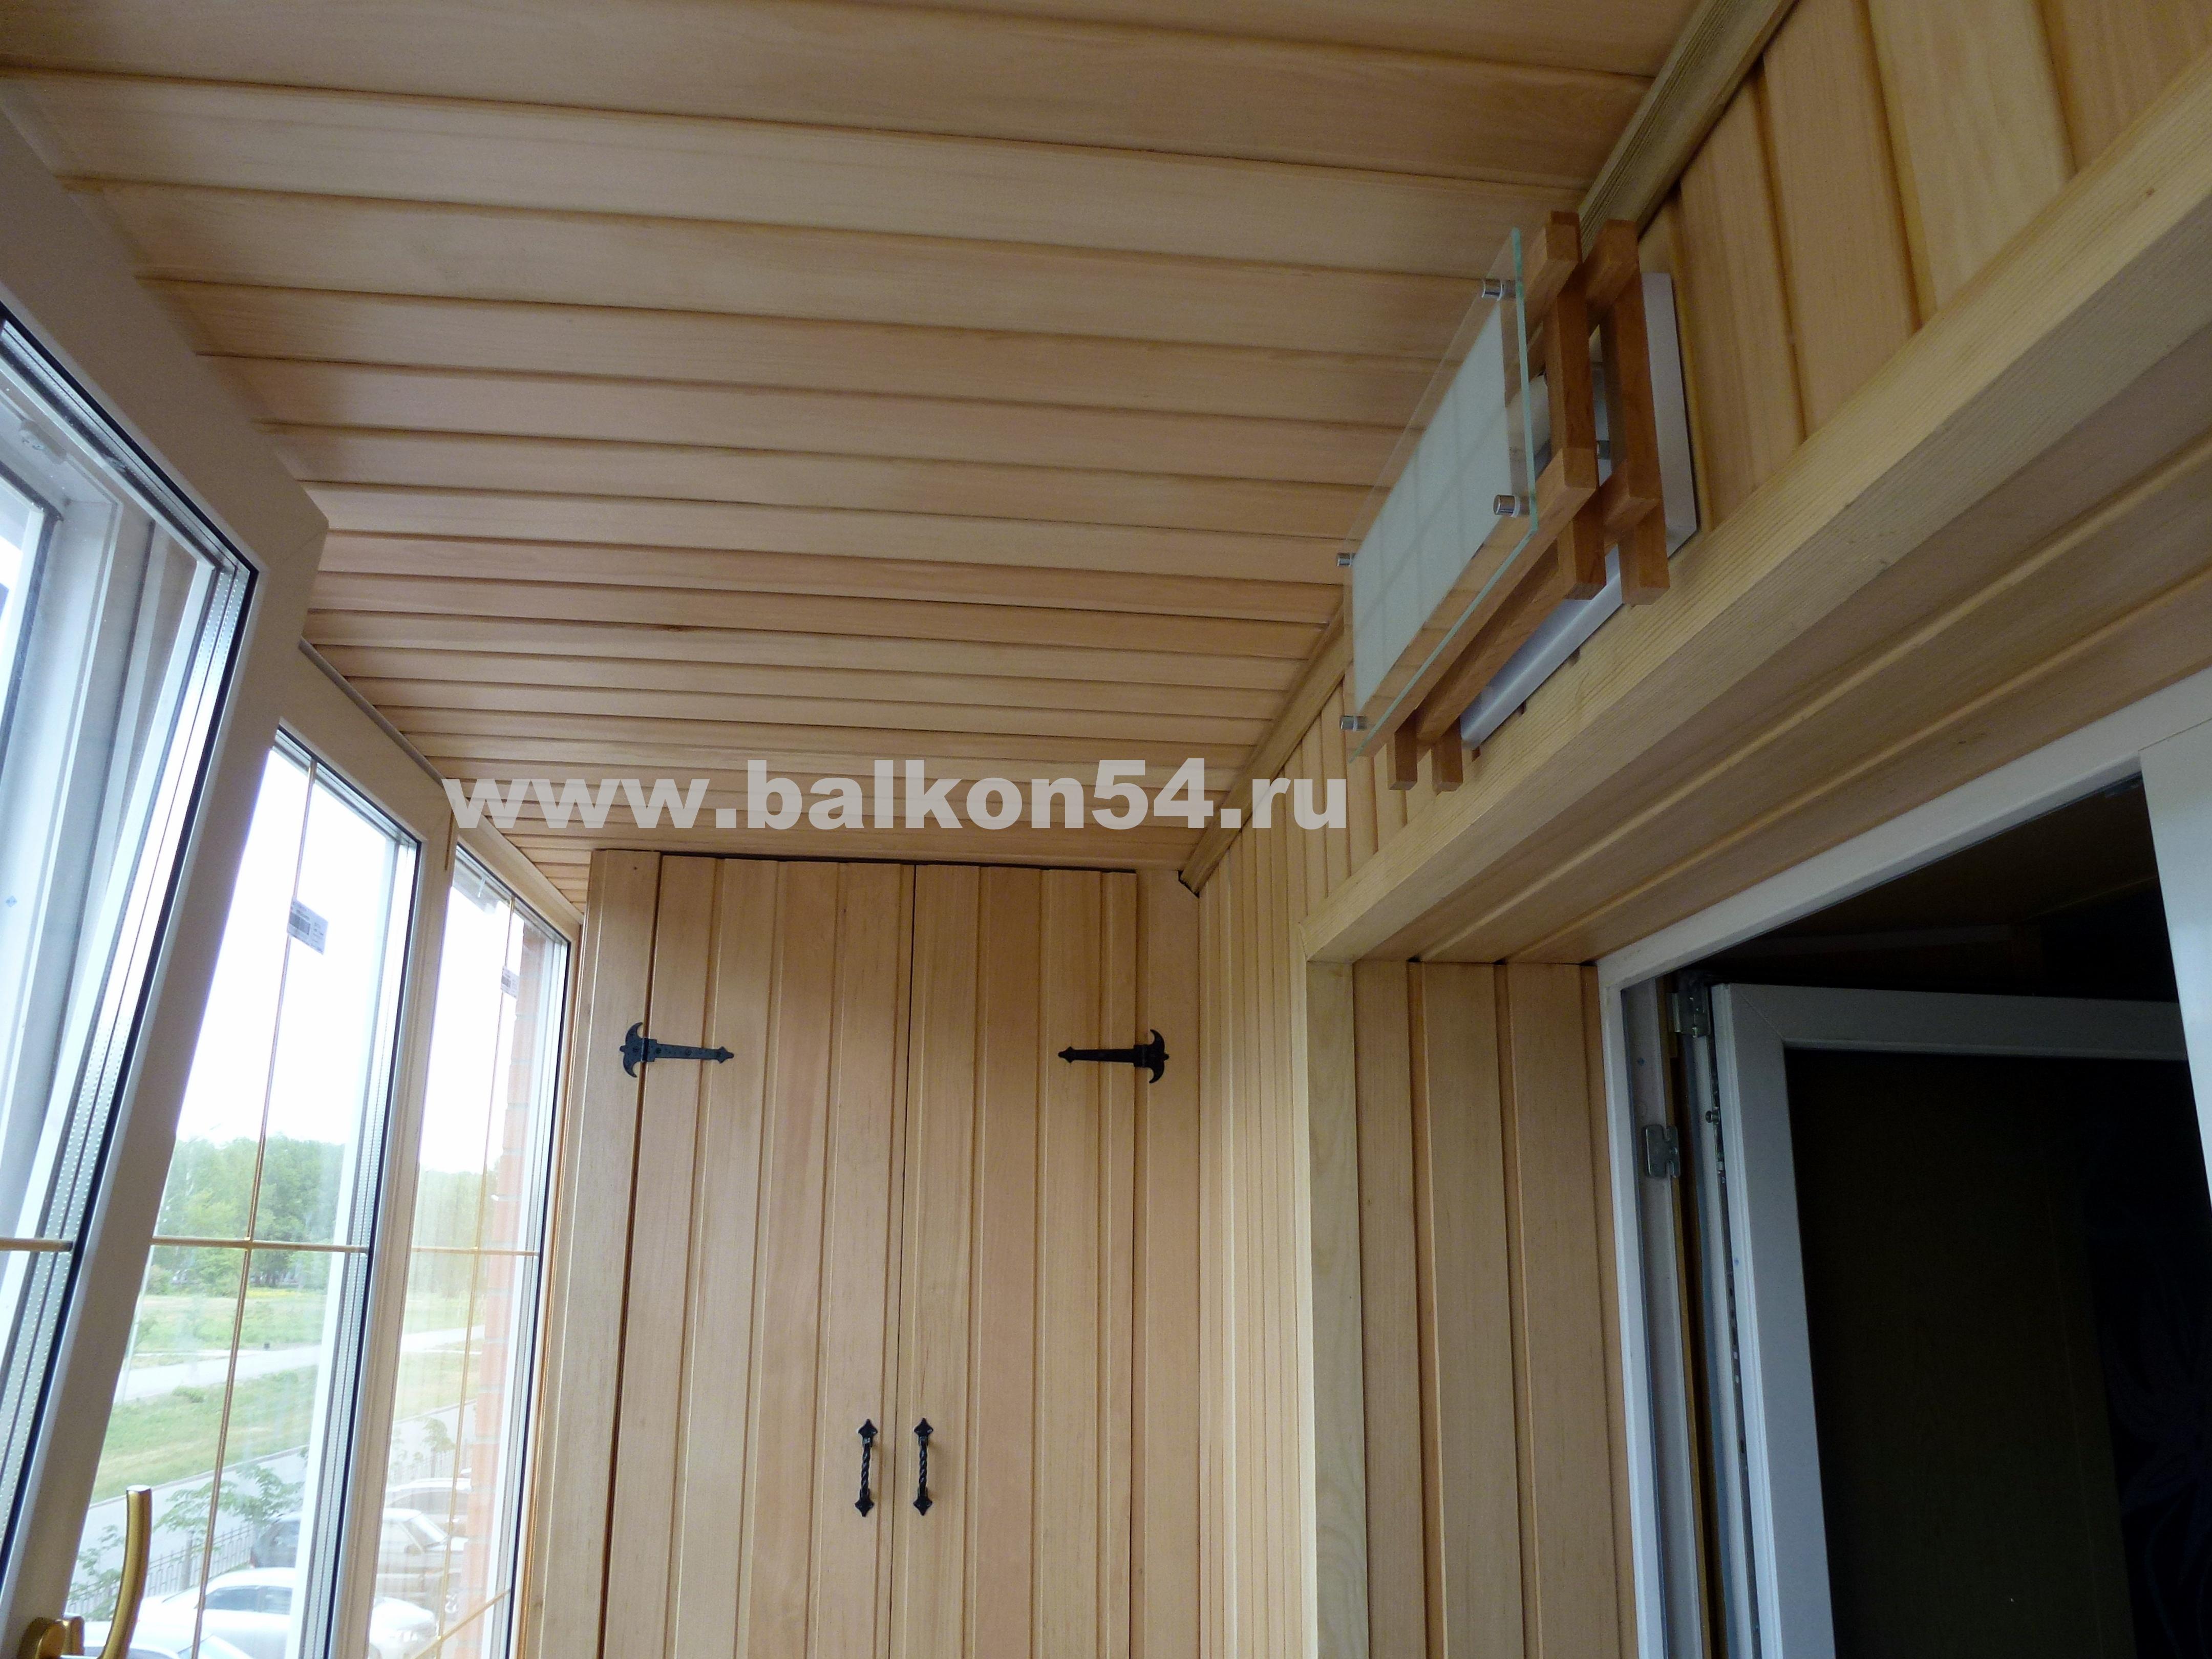 Остекление балконов и лоджий в россии пластиковым и алюминие.